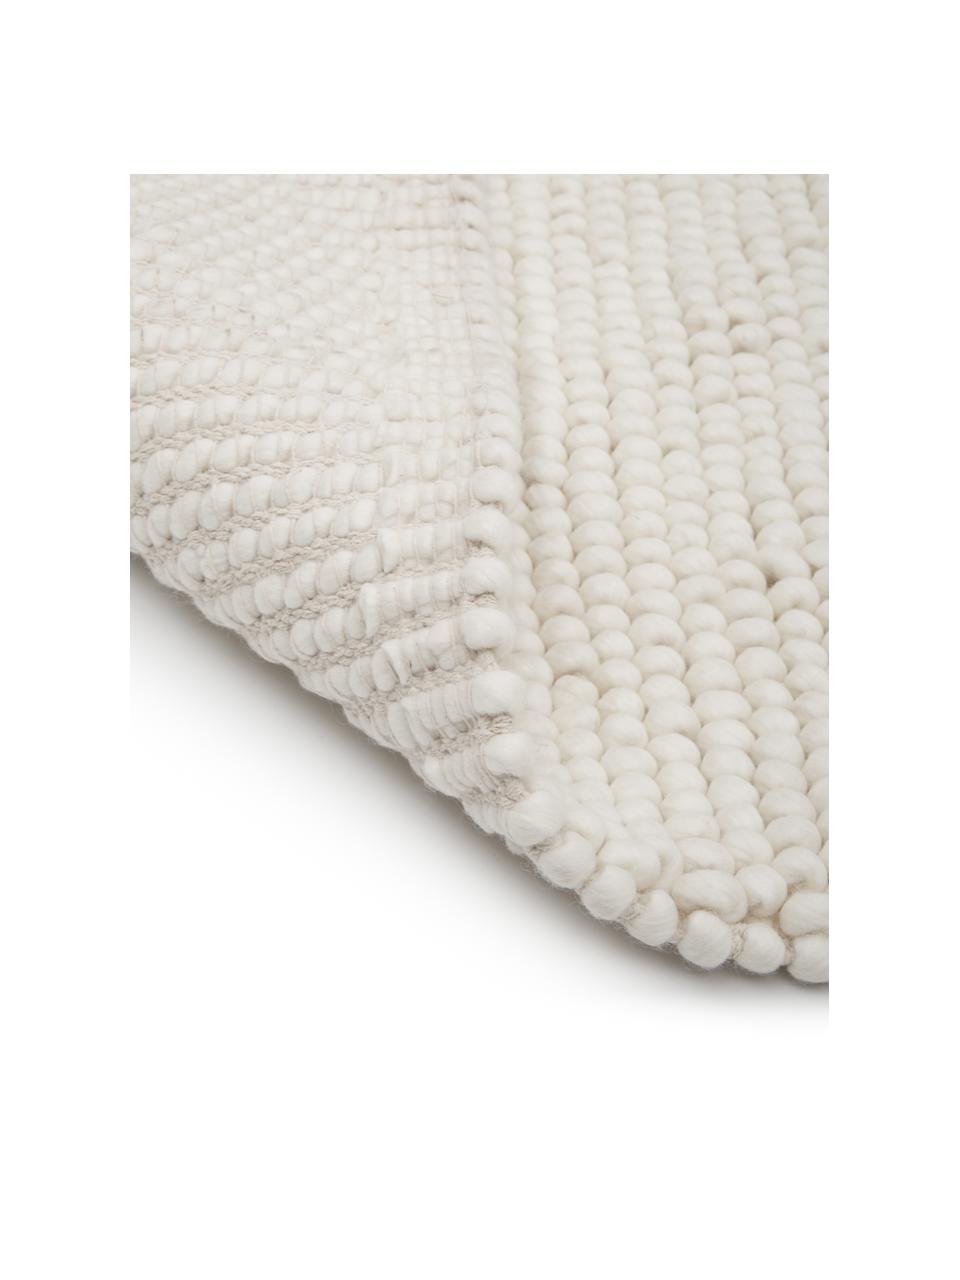 Wollen vloerkleed Pebble in crèmewit, 80% Nieuw-Zeelandse wol, 20% nylon Bij wollen vloerkleden kunnen vezels loskomen in de eerste weken van gebruik, dit neemt af door dagelijks gebruik en pluizen wordt verminderd., Wit, B 80 x L 150 cm (maat XS)